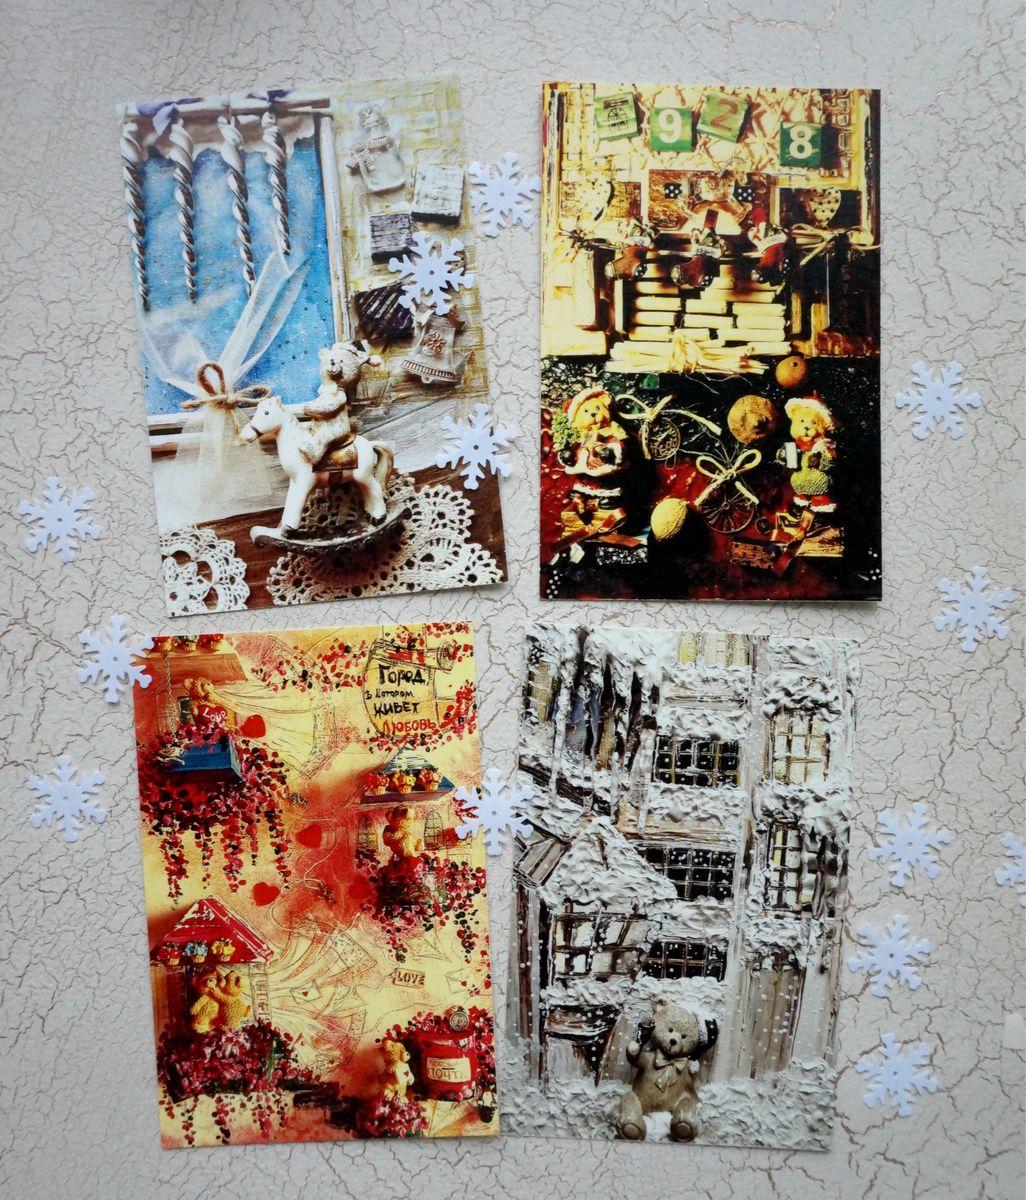 Набор открыток Истории игрушек. Сахарные мишки, 4 штНОИИСМПрелестные авторские открытки из набора Сахарные мишки для теплого, уютного настроения. Набор открыток Сахарные мишки очаровательный, милый и романтичный. С налетом винтажности и времени. Каждая открыточка - это особое настроение, это нежность теплого снега и кремовые оттенки зимних историй маленьких игрушечных медвежат. Каждая открытка имеет сладкие ванильный, шоколадный, кремовый, карамельный оттенки и похожа на кусочек ароматного жженого сахара. Открытки напечатаны на фактурной льняной бумаге.